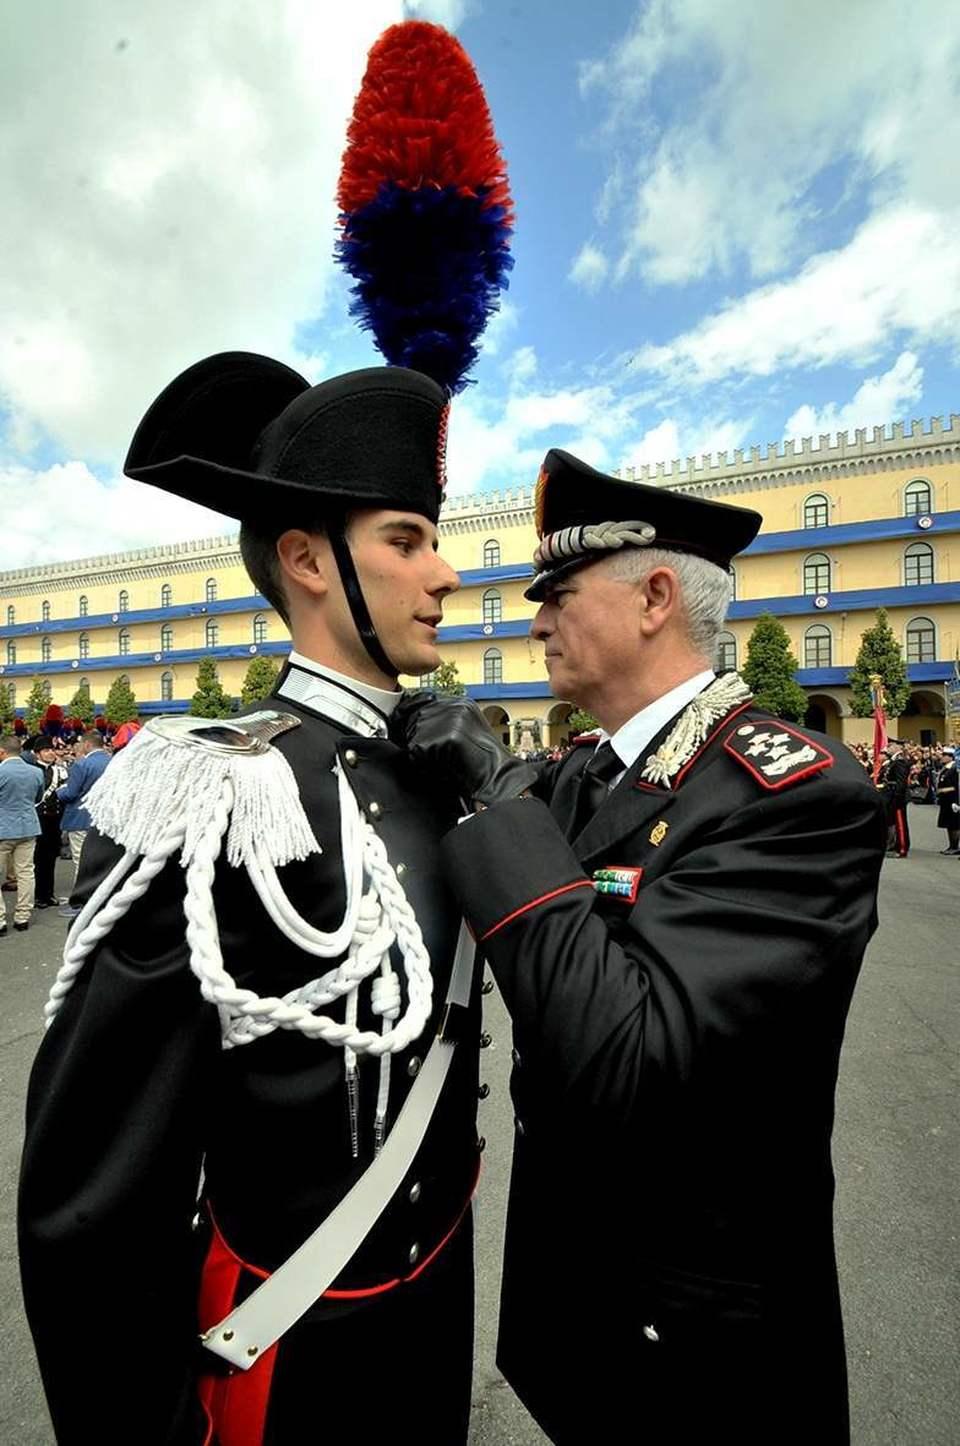 Roma il giuramento dei carabinieri  Il Messaggeroit